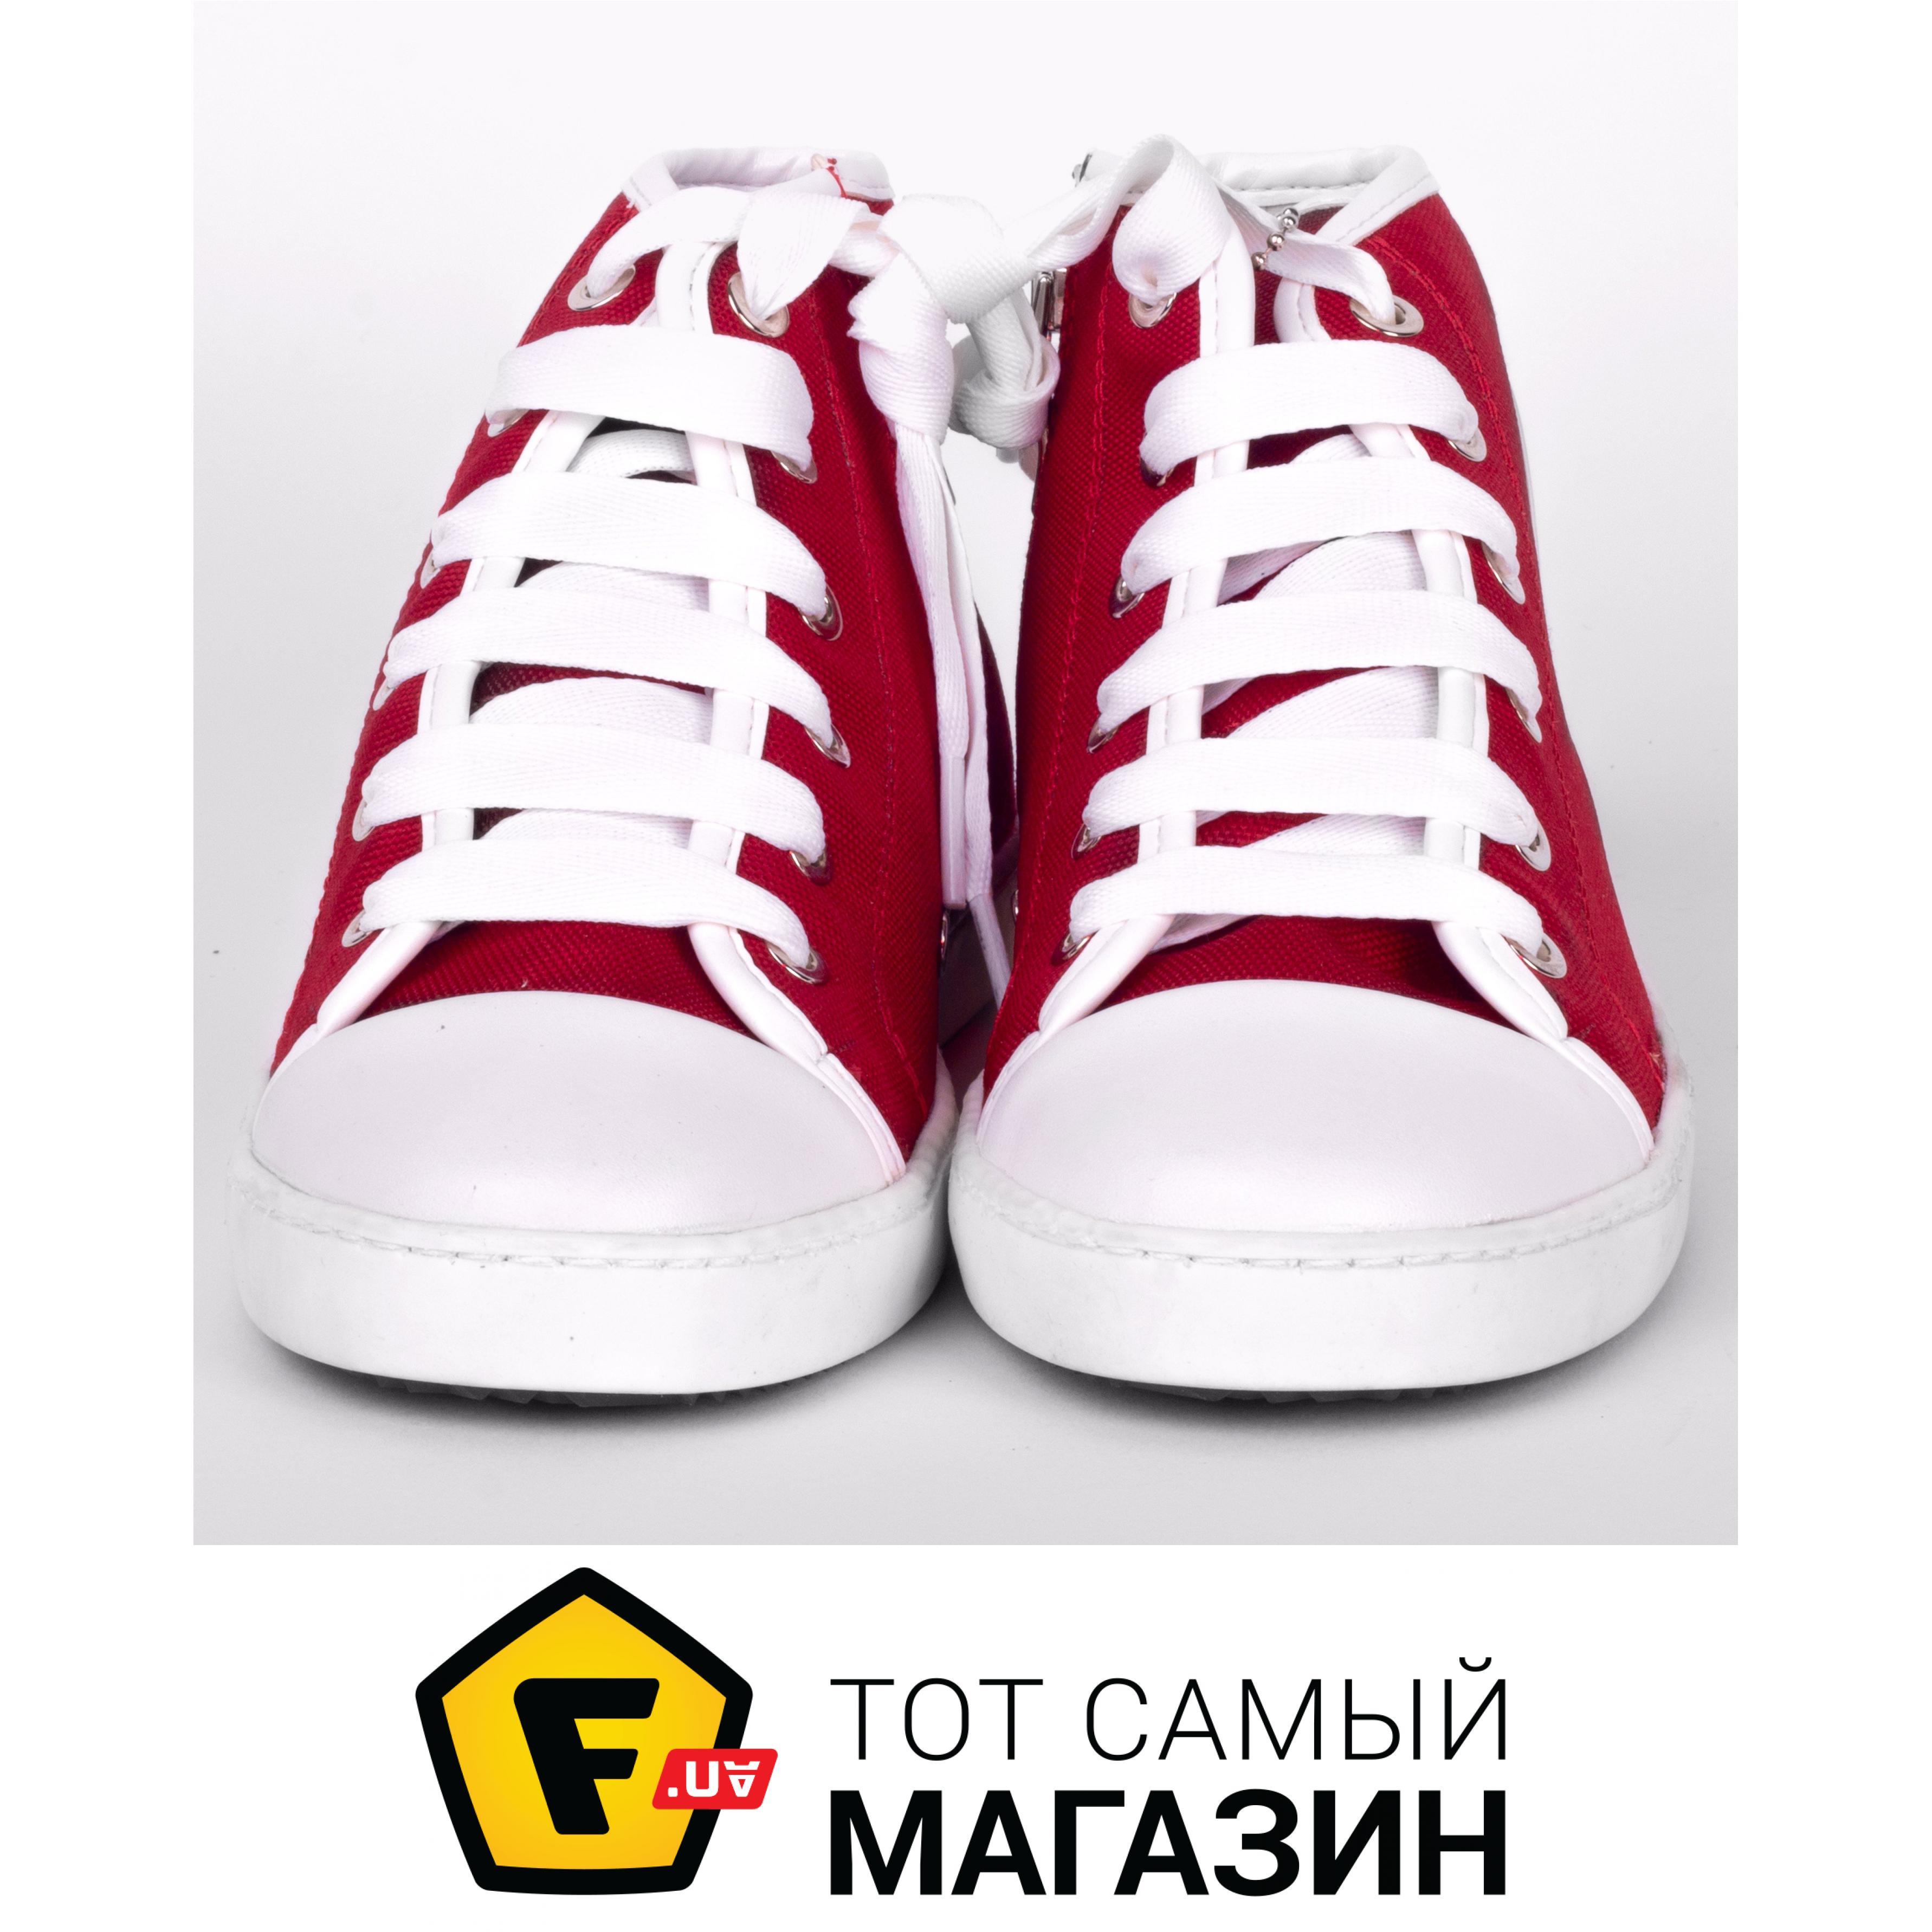 e7ca499d ᐈ JOG DOG Кеды высокие 32, красный/белый ~ Купить? ЦЕНА Снижена JOG ...